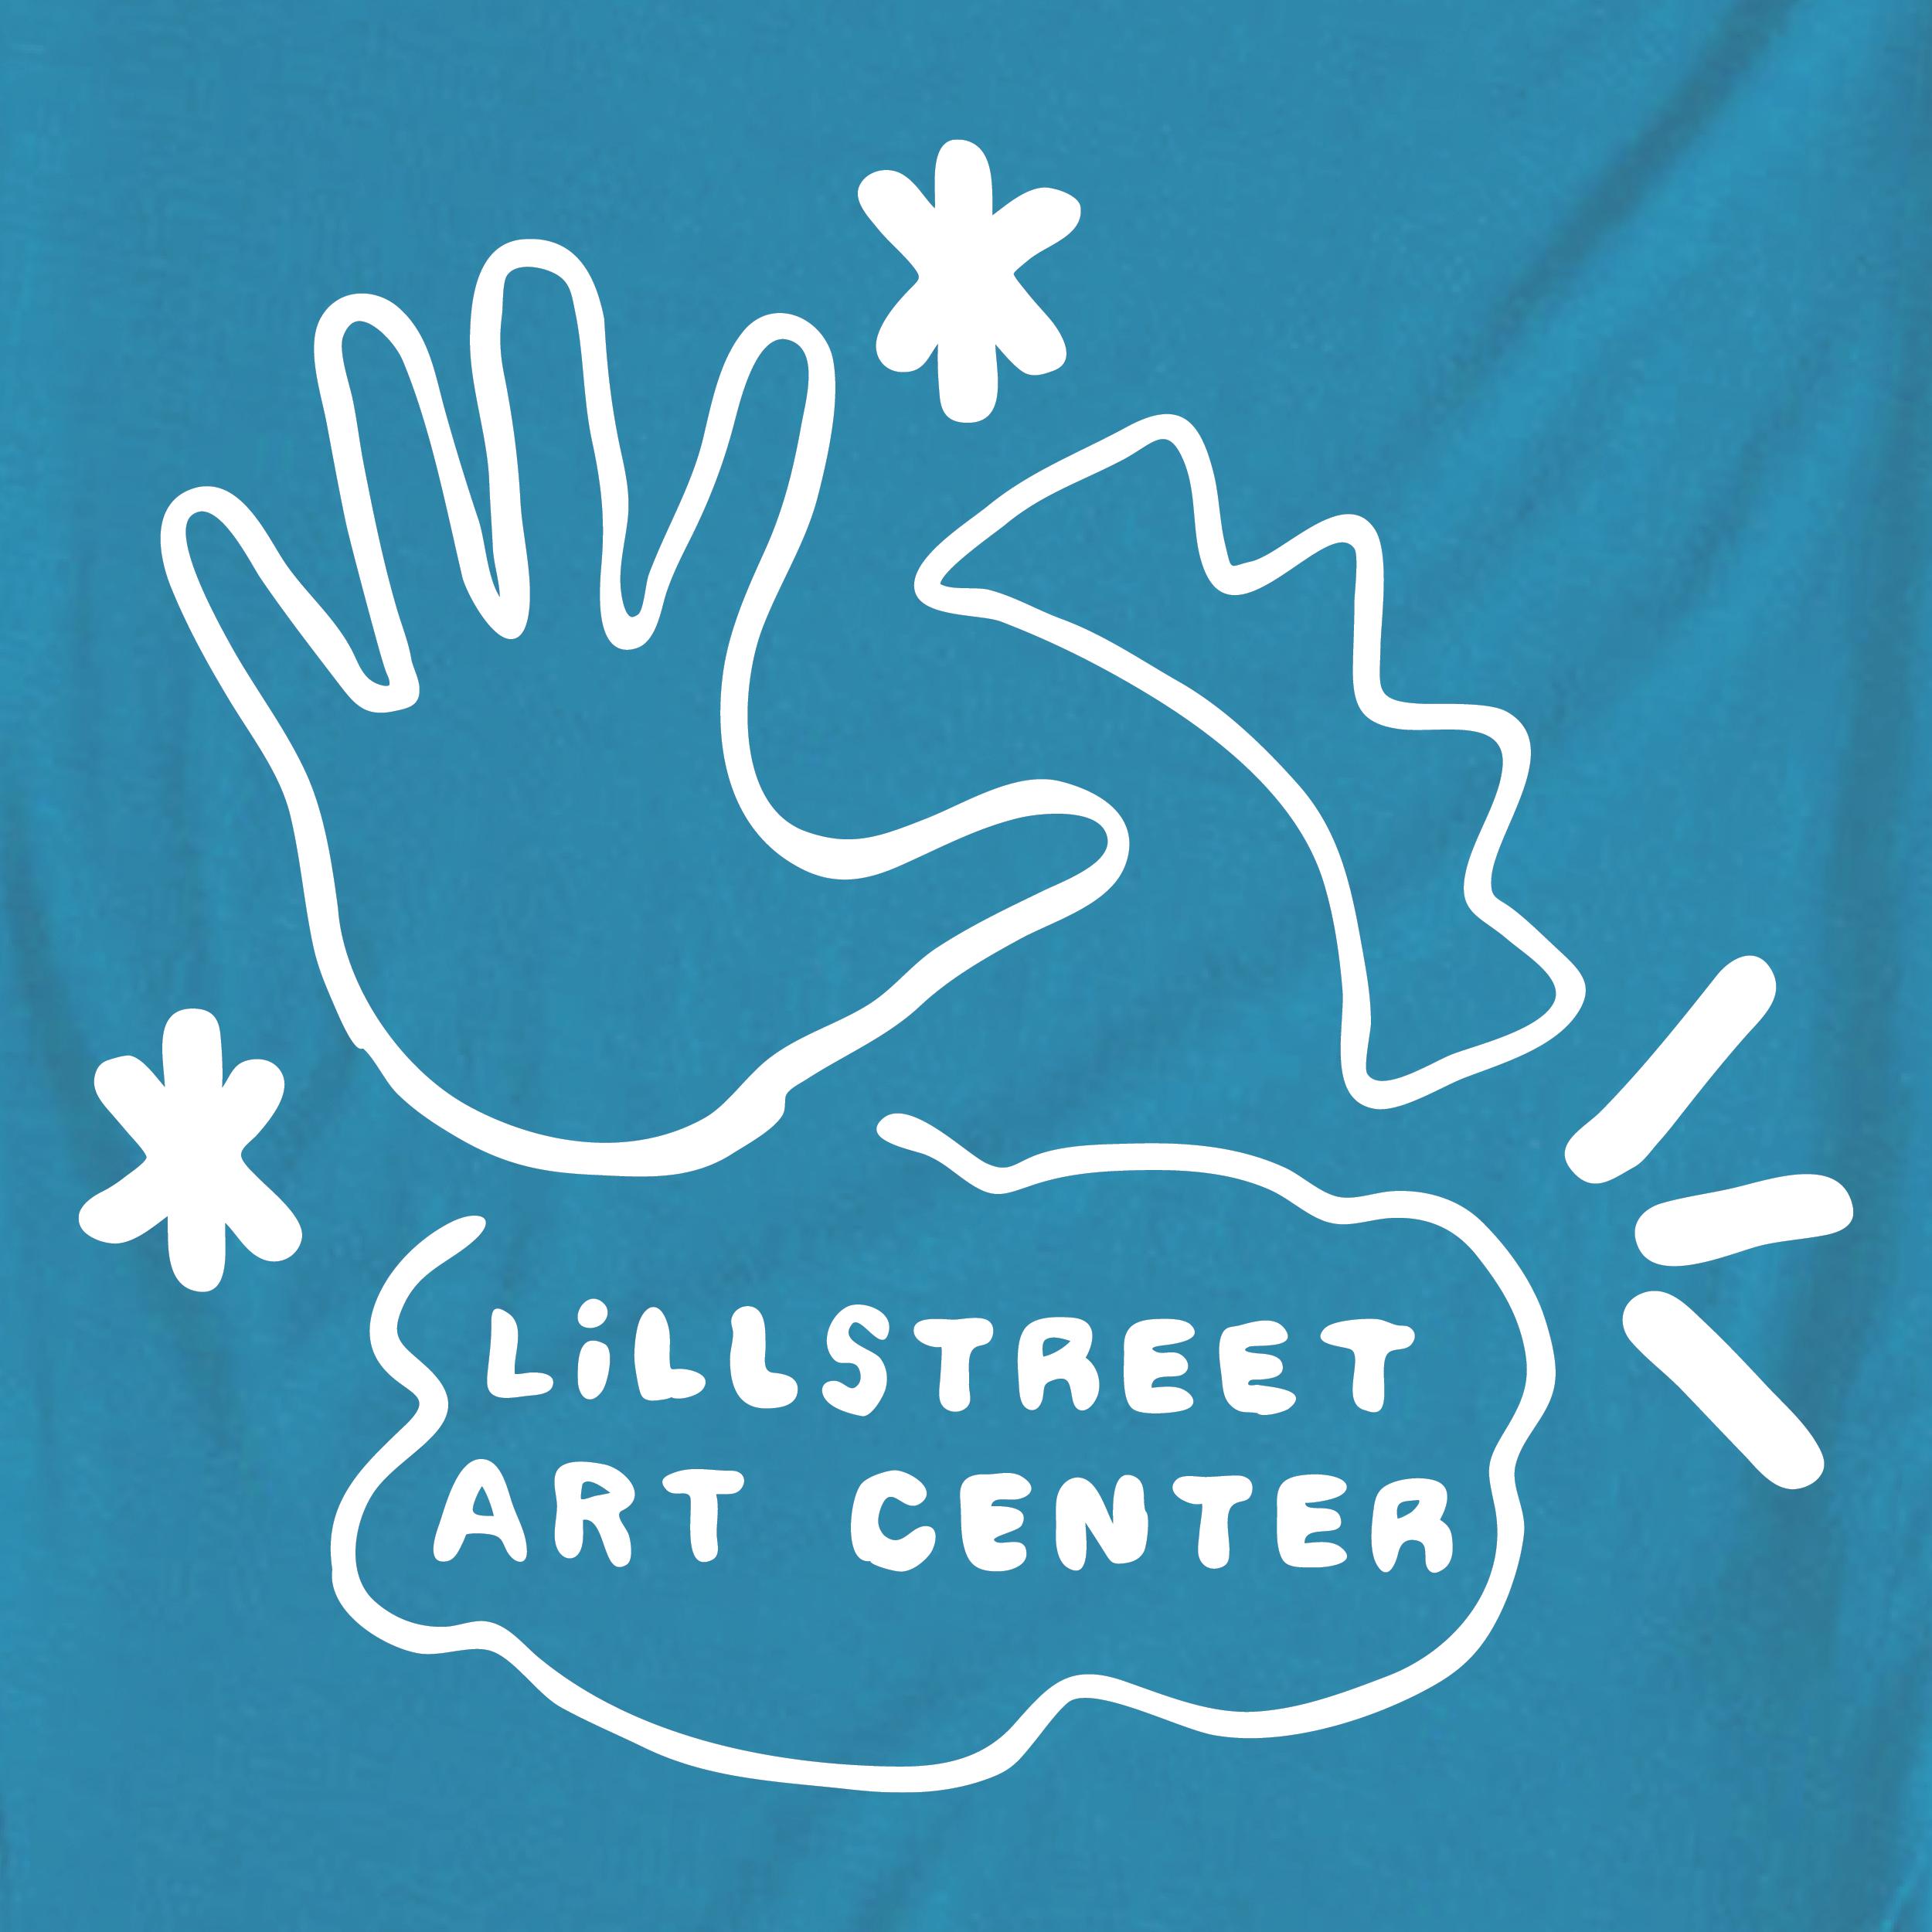 255_Lillstreet_Art_Center_1200x1200_2.png